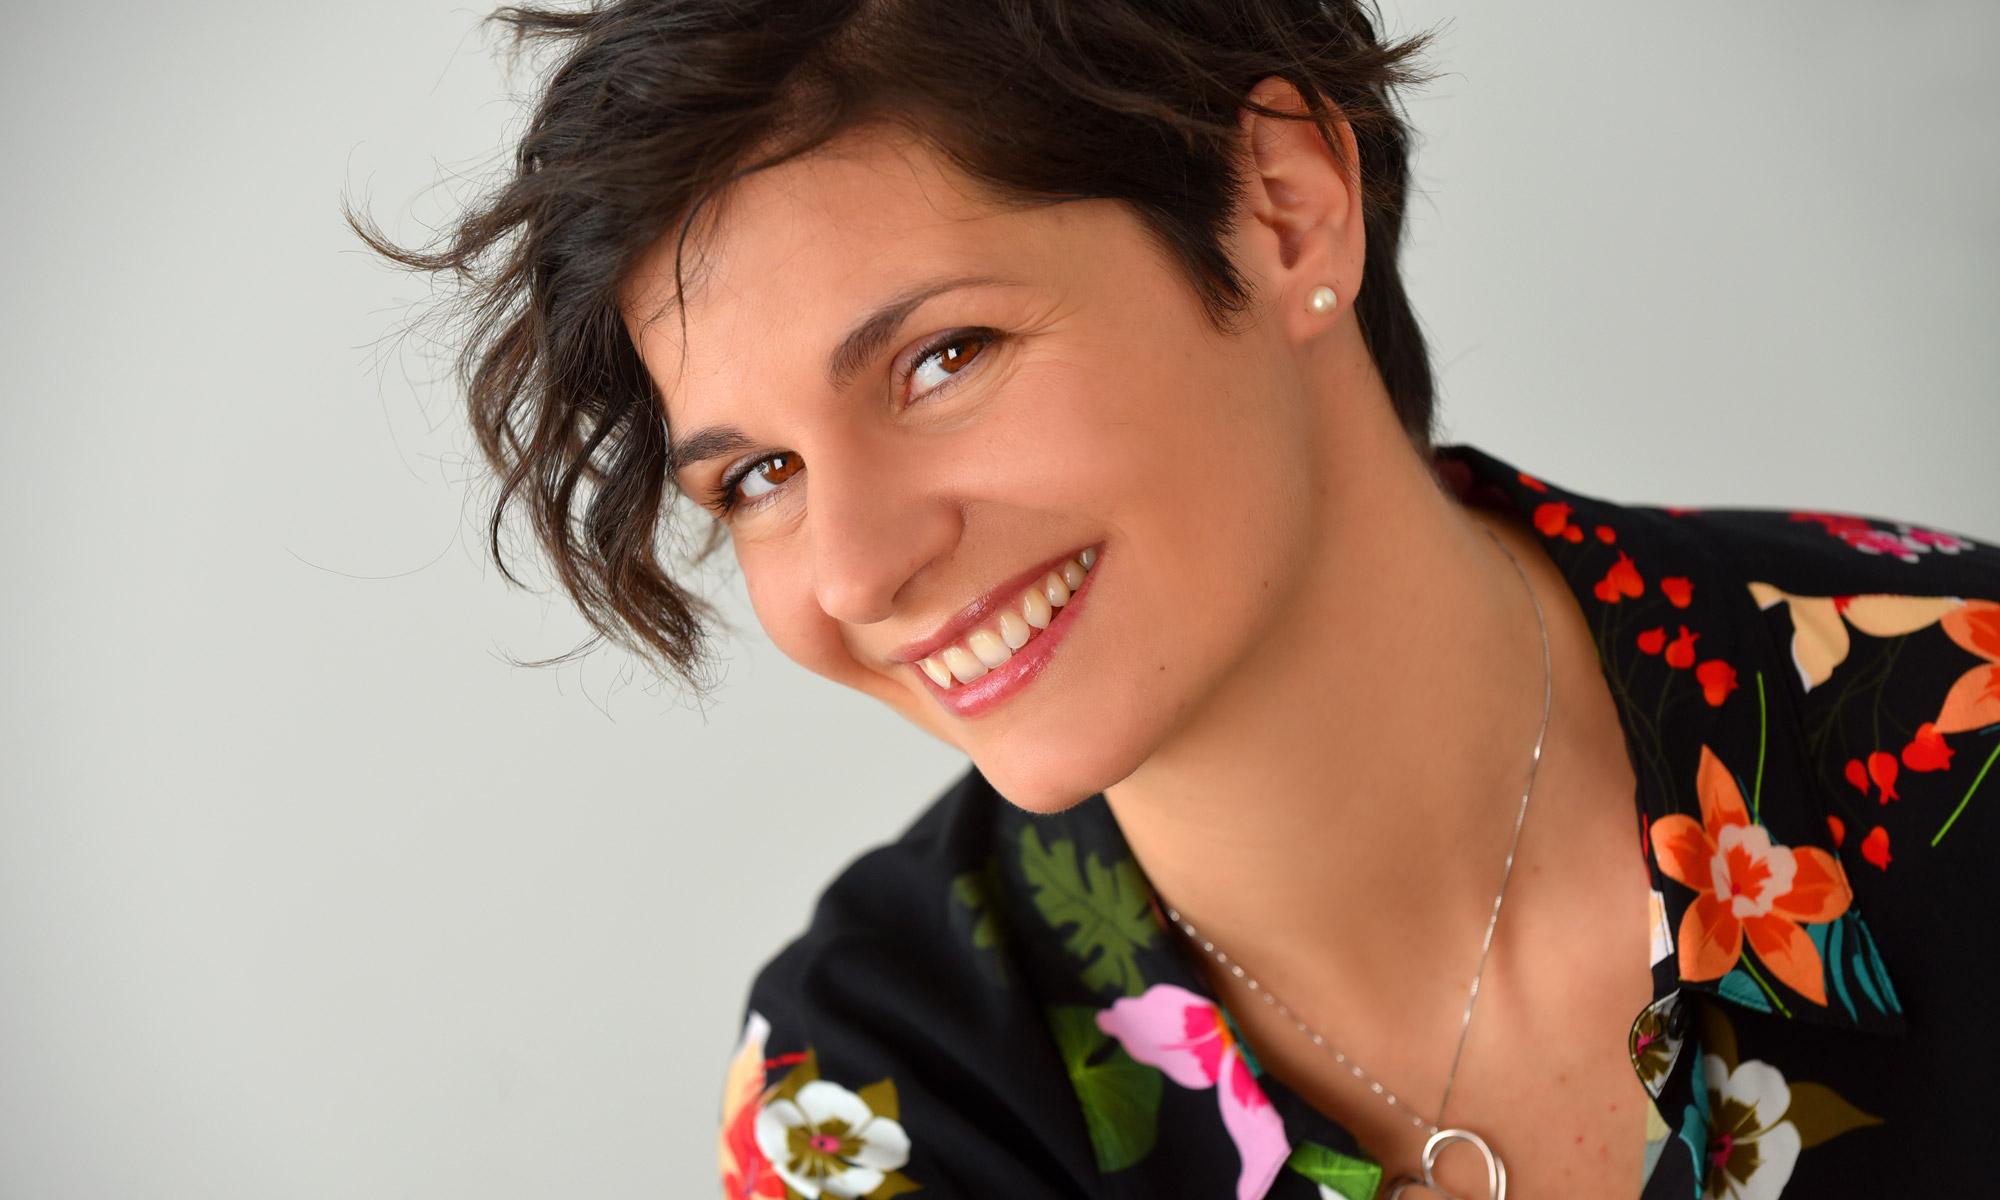 Chiara Zanellati